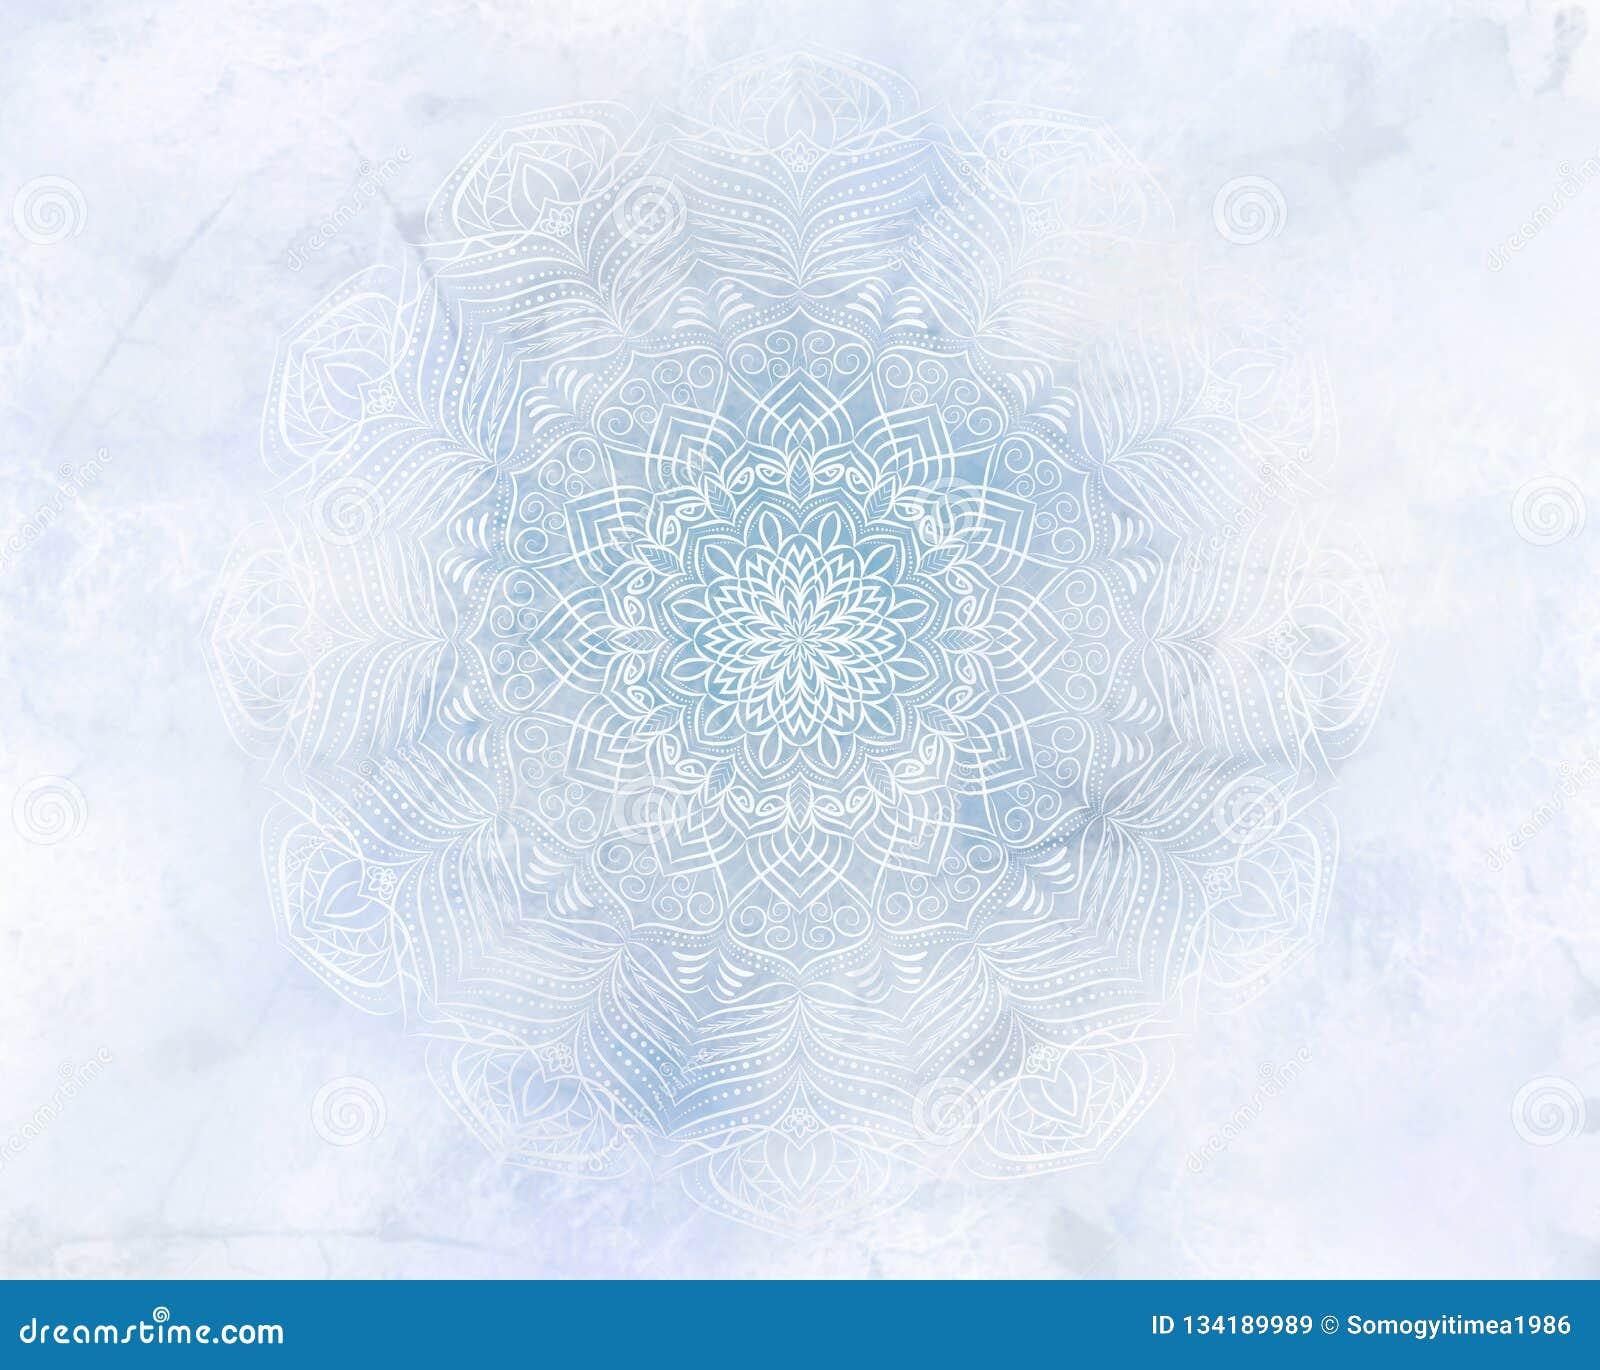 De ijzige lichtblauwe achtergrond van mysticus abstracte mandala